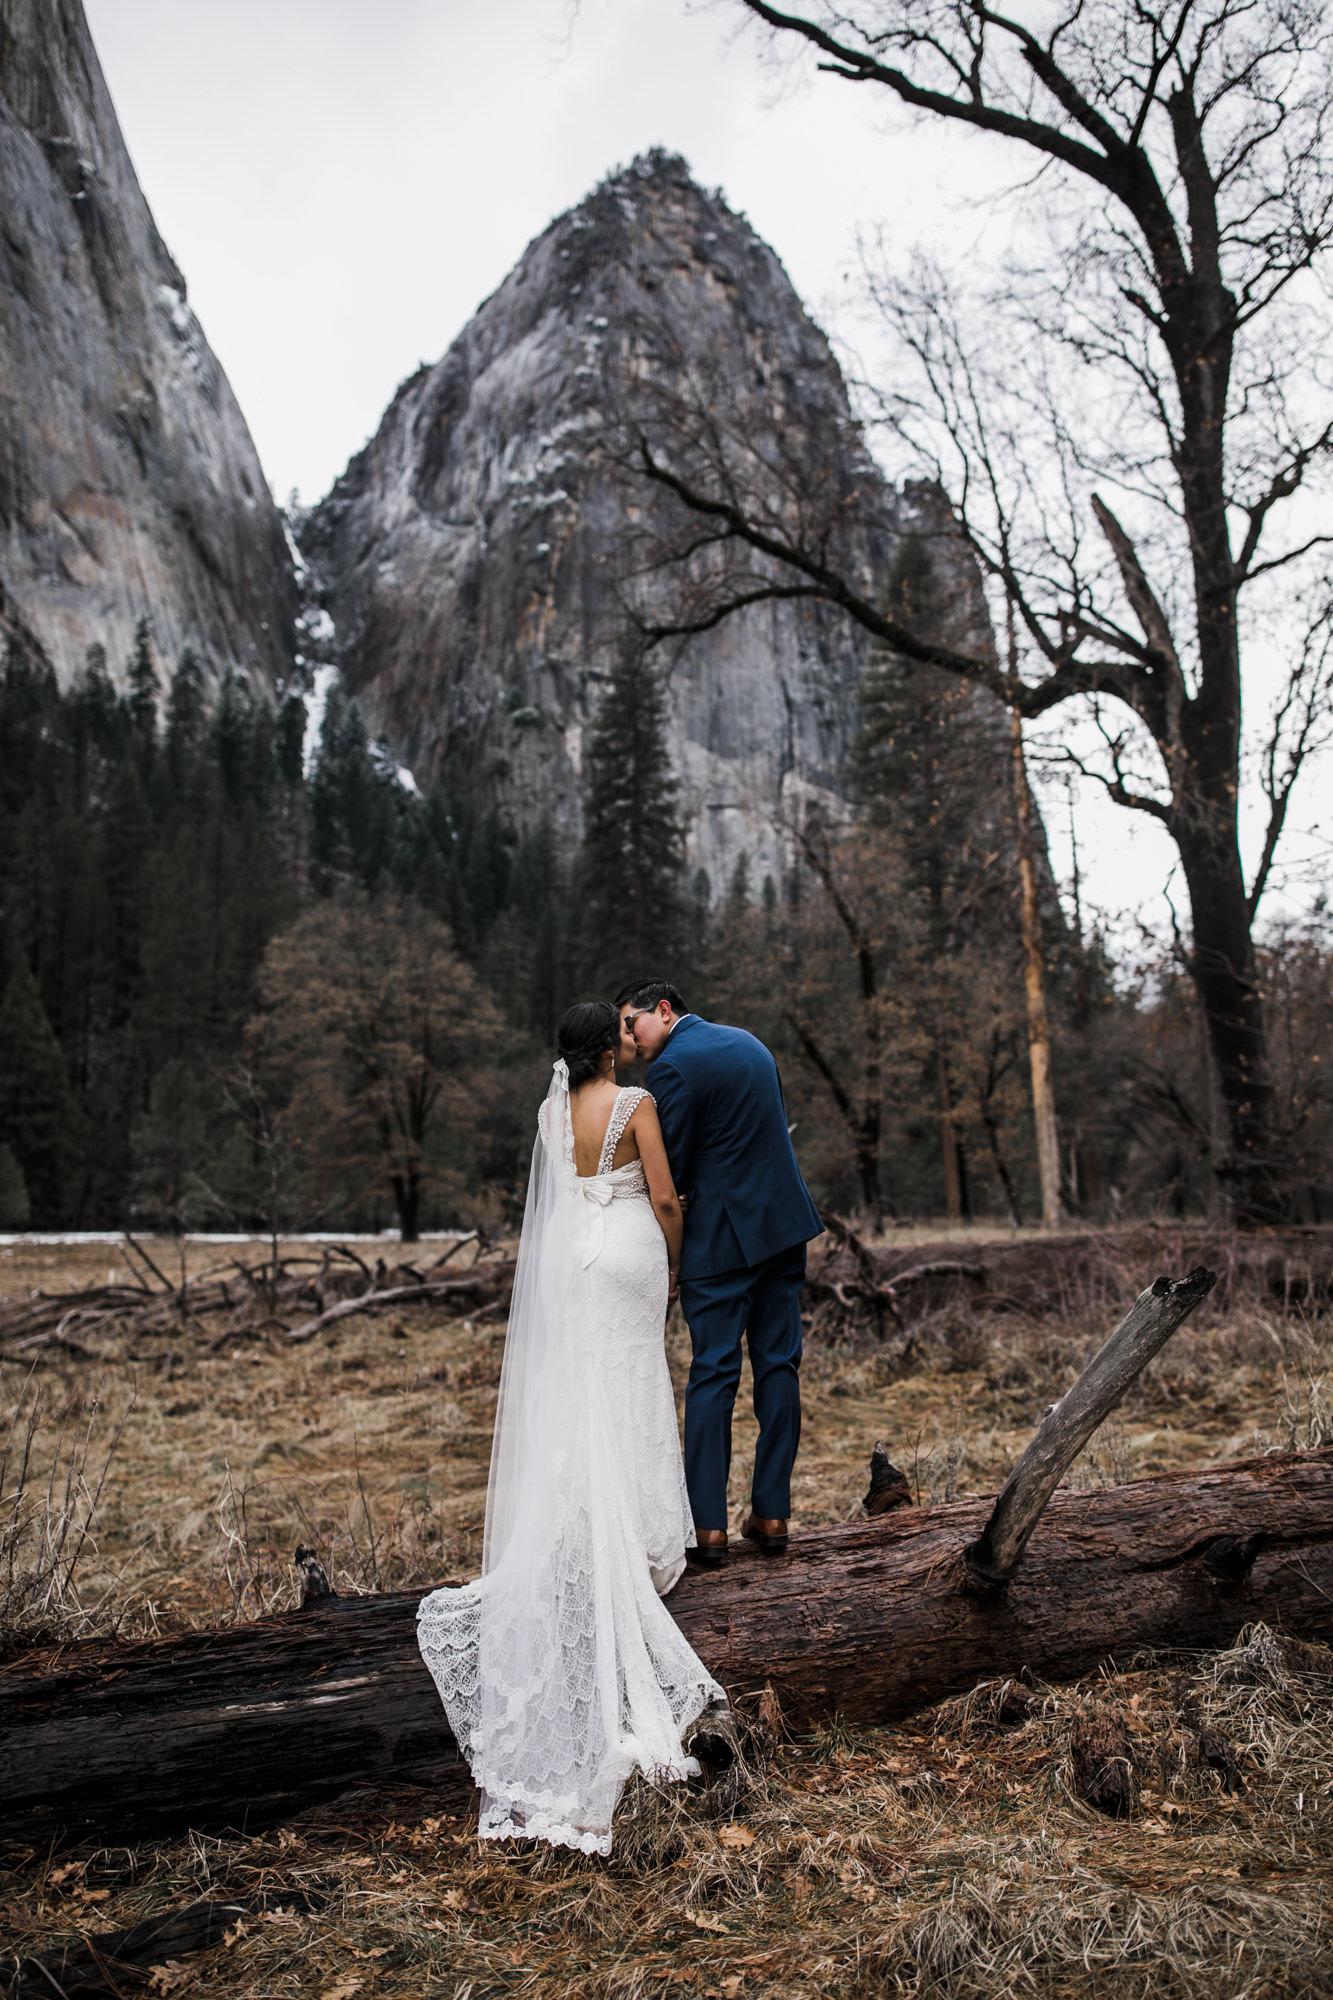 yosemite national park wedding photographers